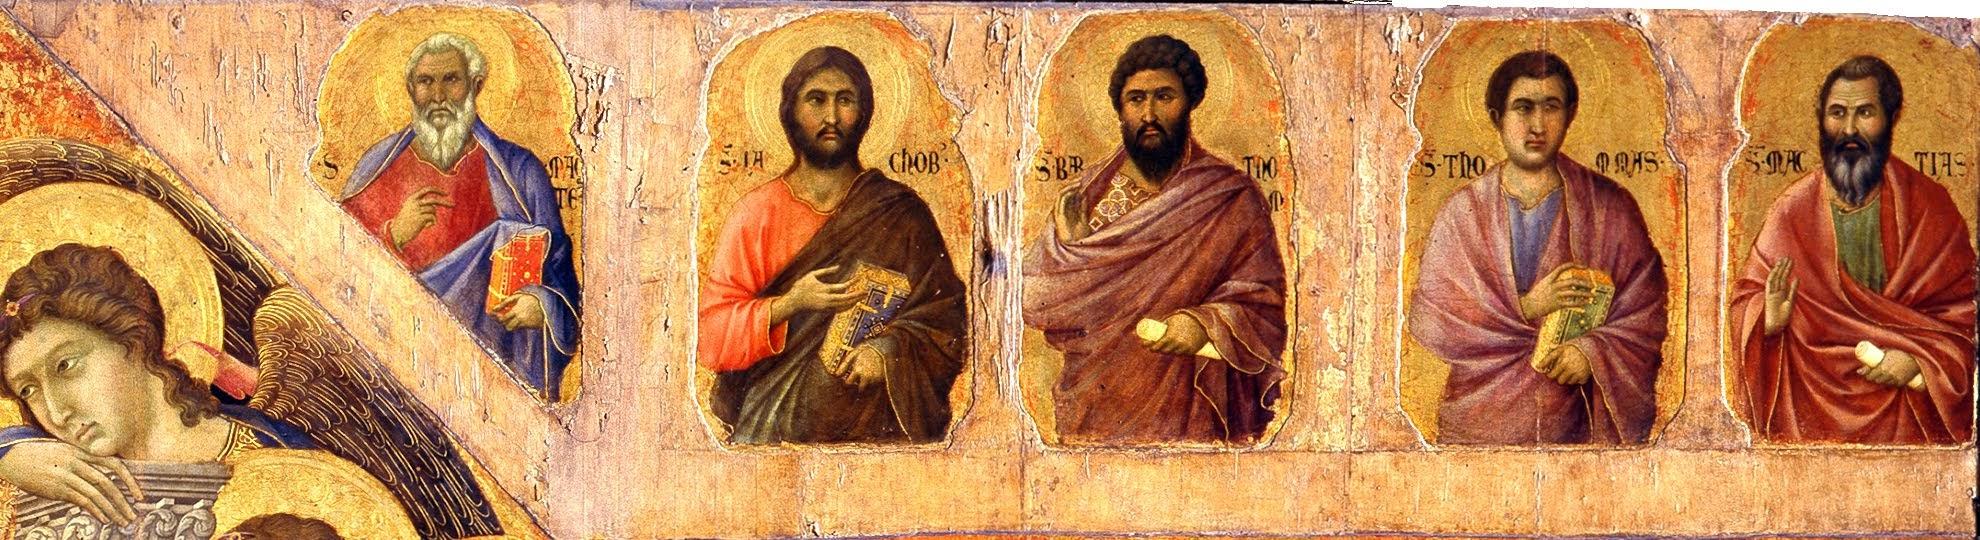 Duccio di Boninsegna, Maestà del Duomo di Siena (1308-1311), particolare della tavola principale - da sinistra: Matteo, Giacomo minore, Bartolomeo, Tommaso, Mattia